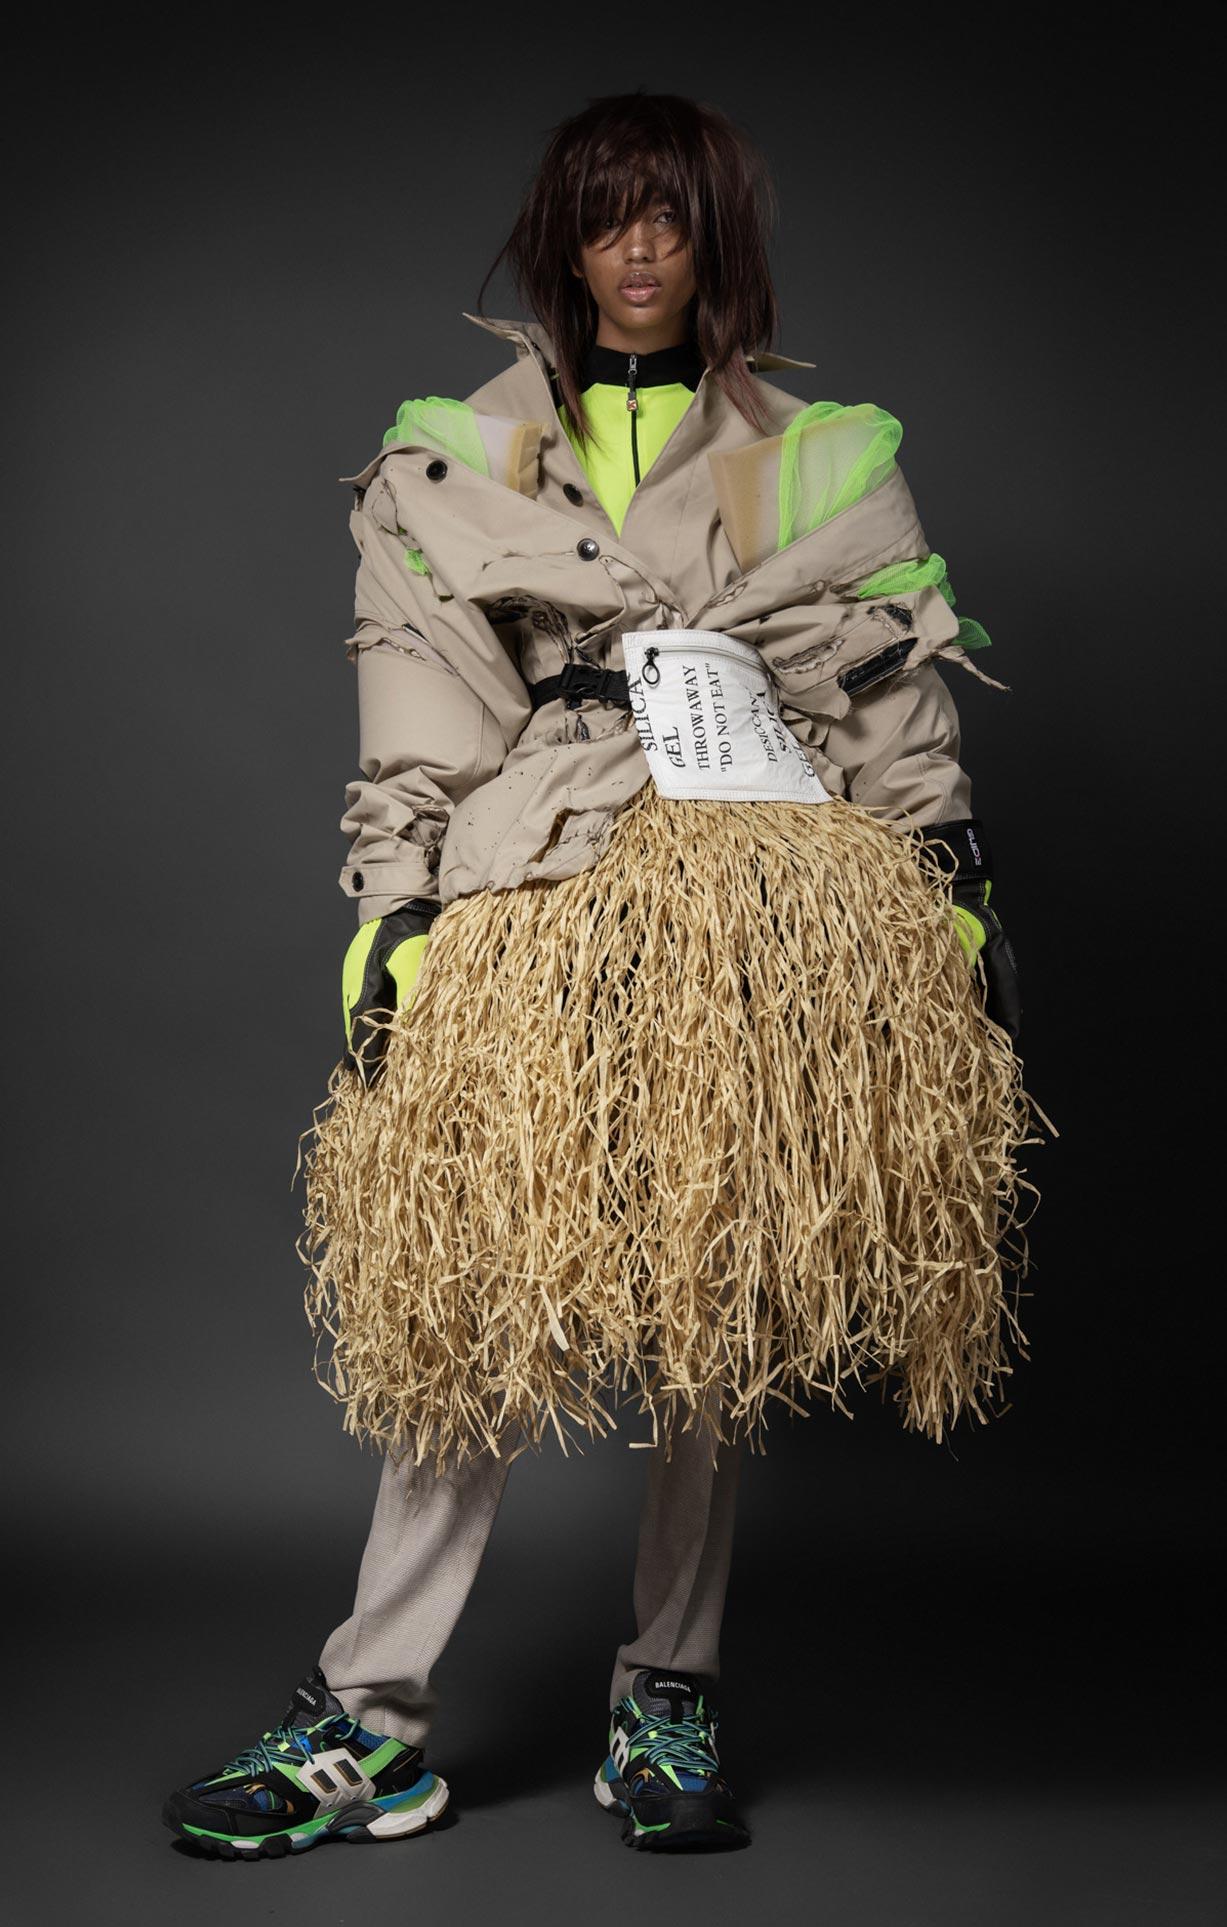 Нетрадиционный взгляд на модную одежду / фото 04